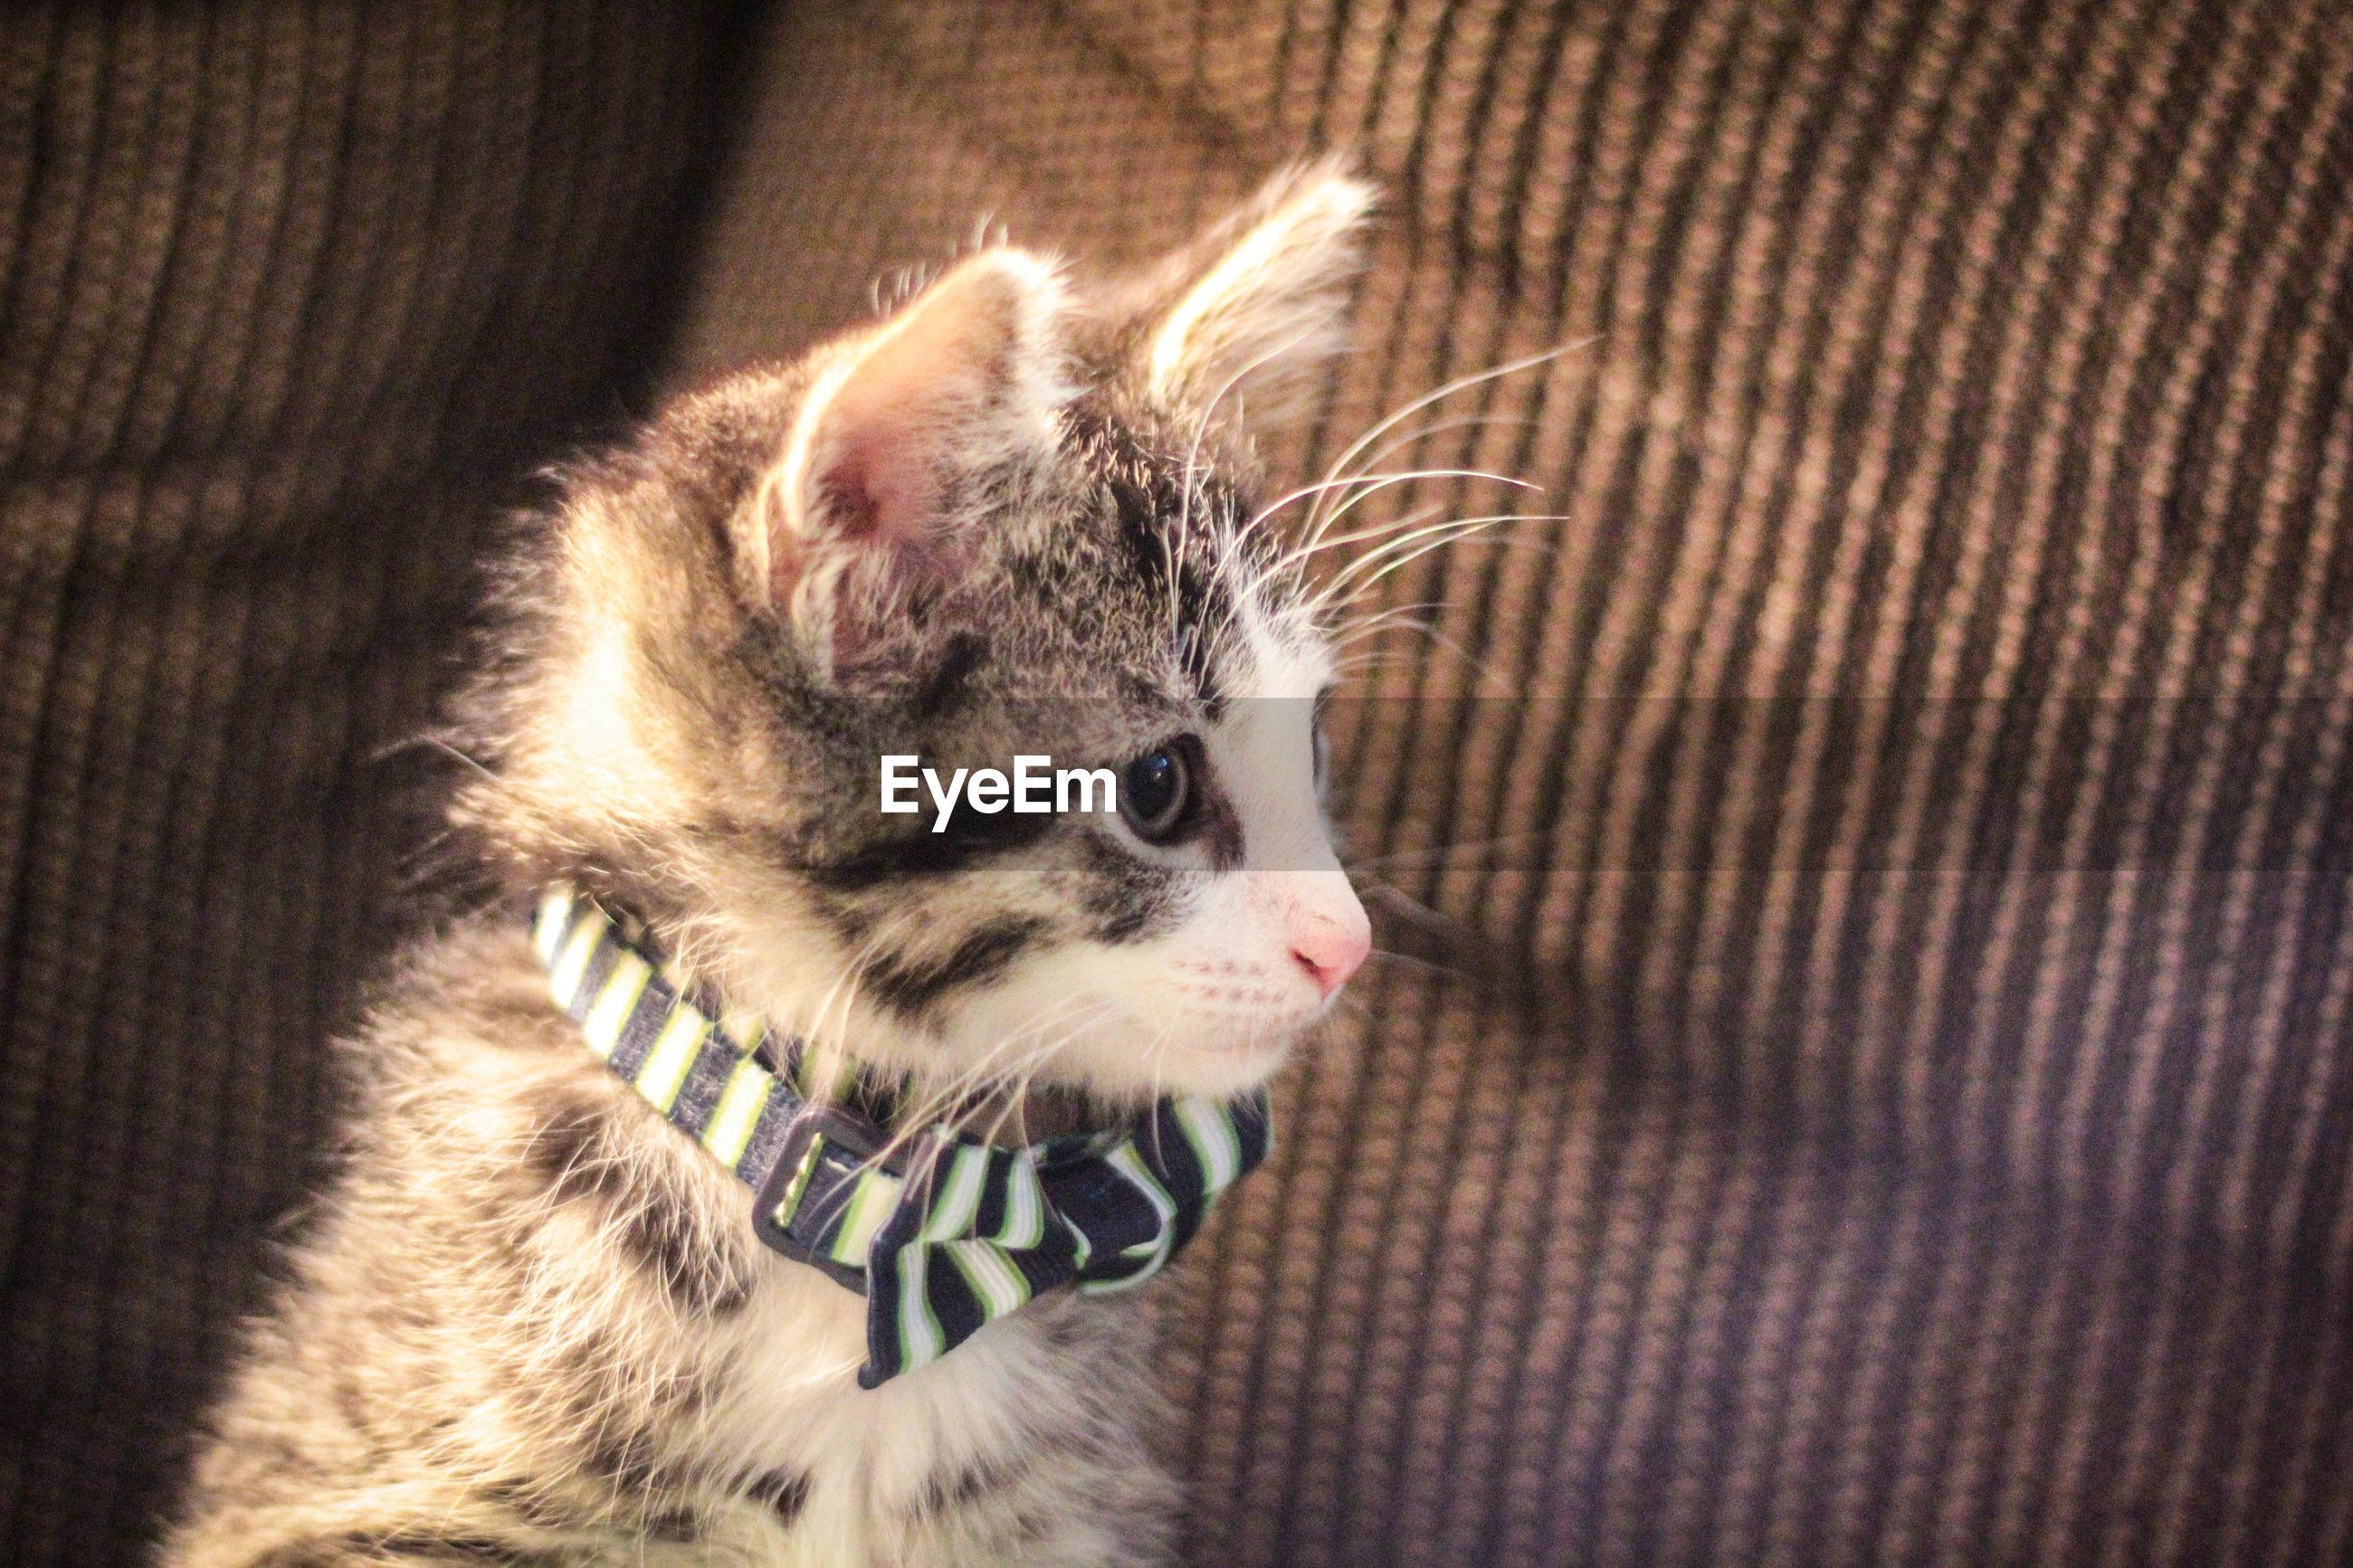 Close-up of kitten on sofa